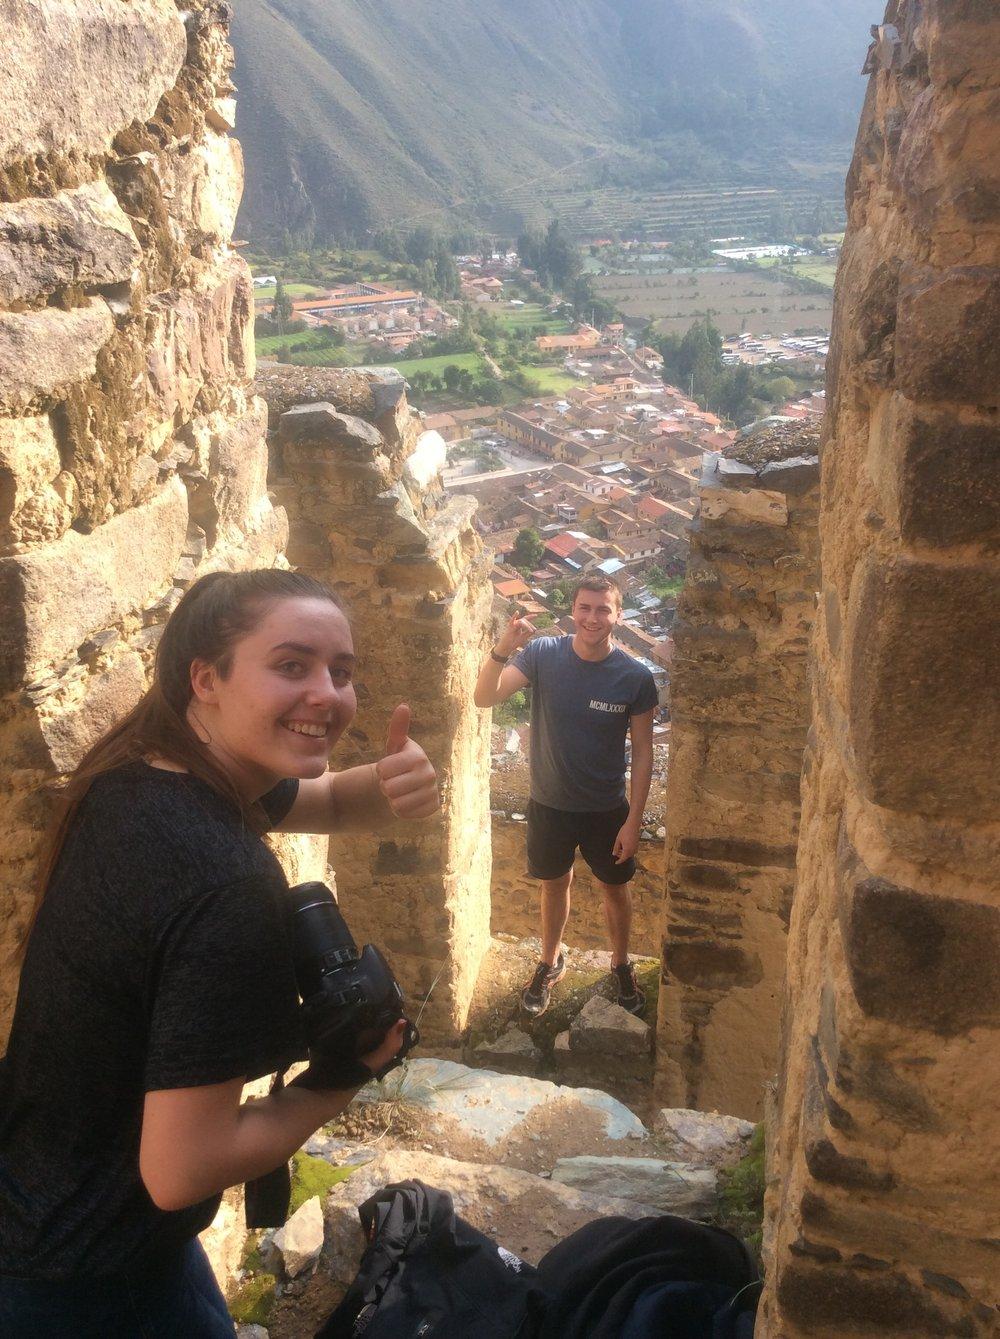 The view at Ollantaytambo